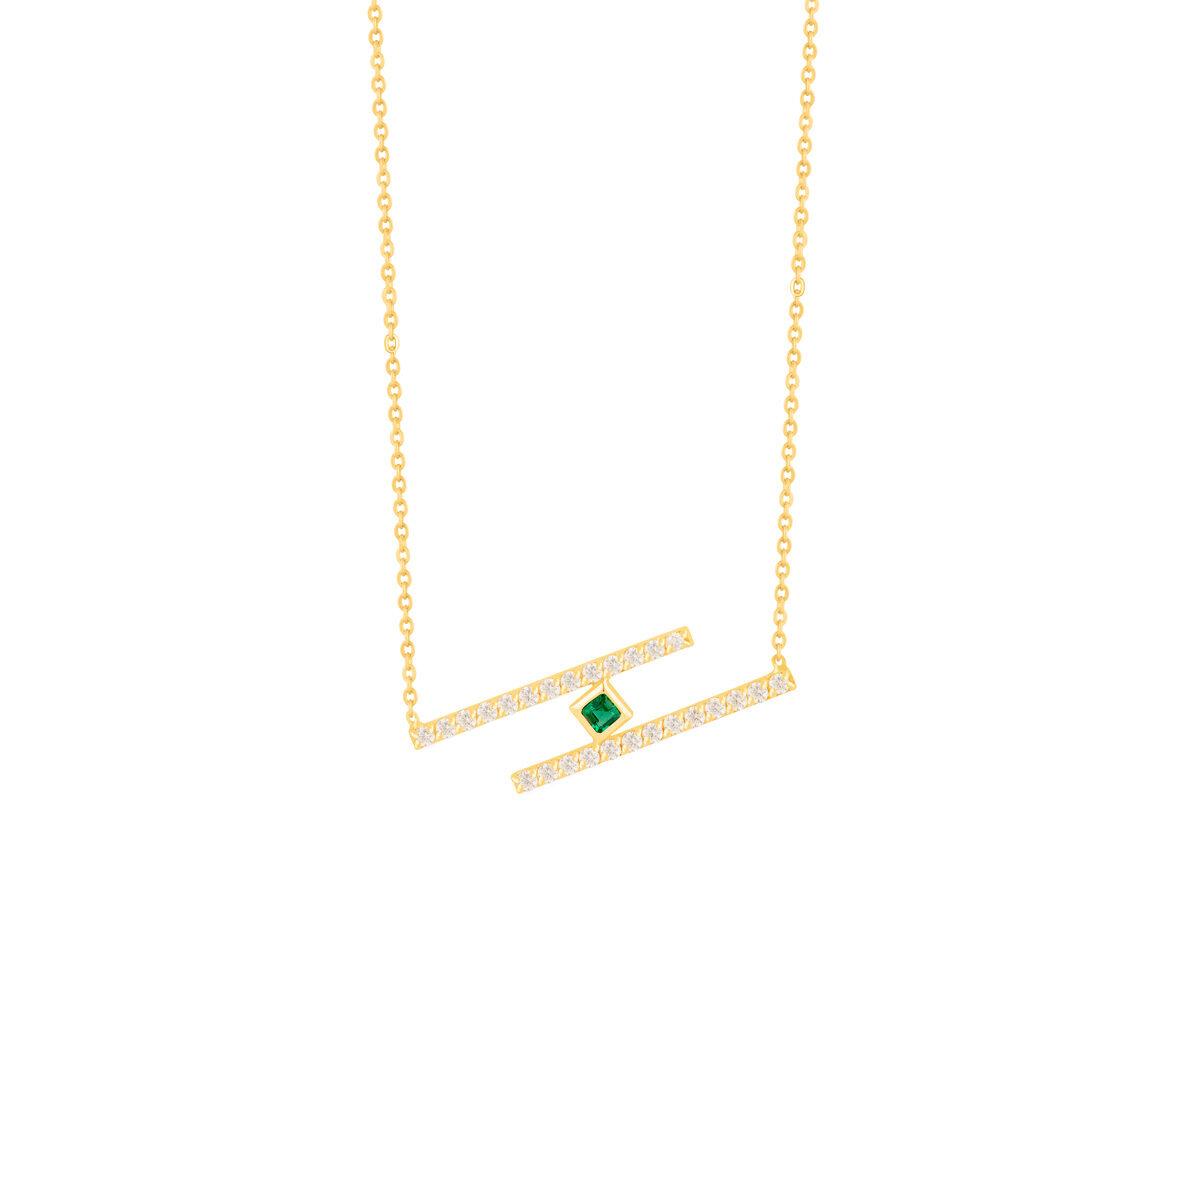 گردنبند طلا دو خط نگین دار و مربع سبز